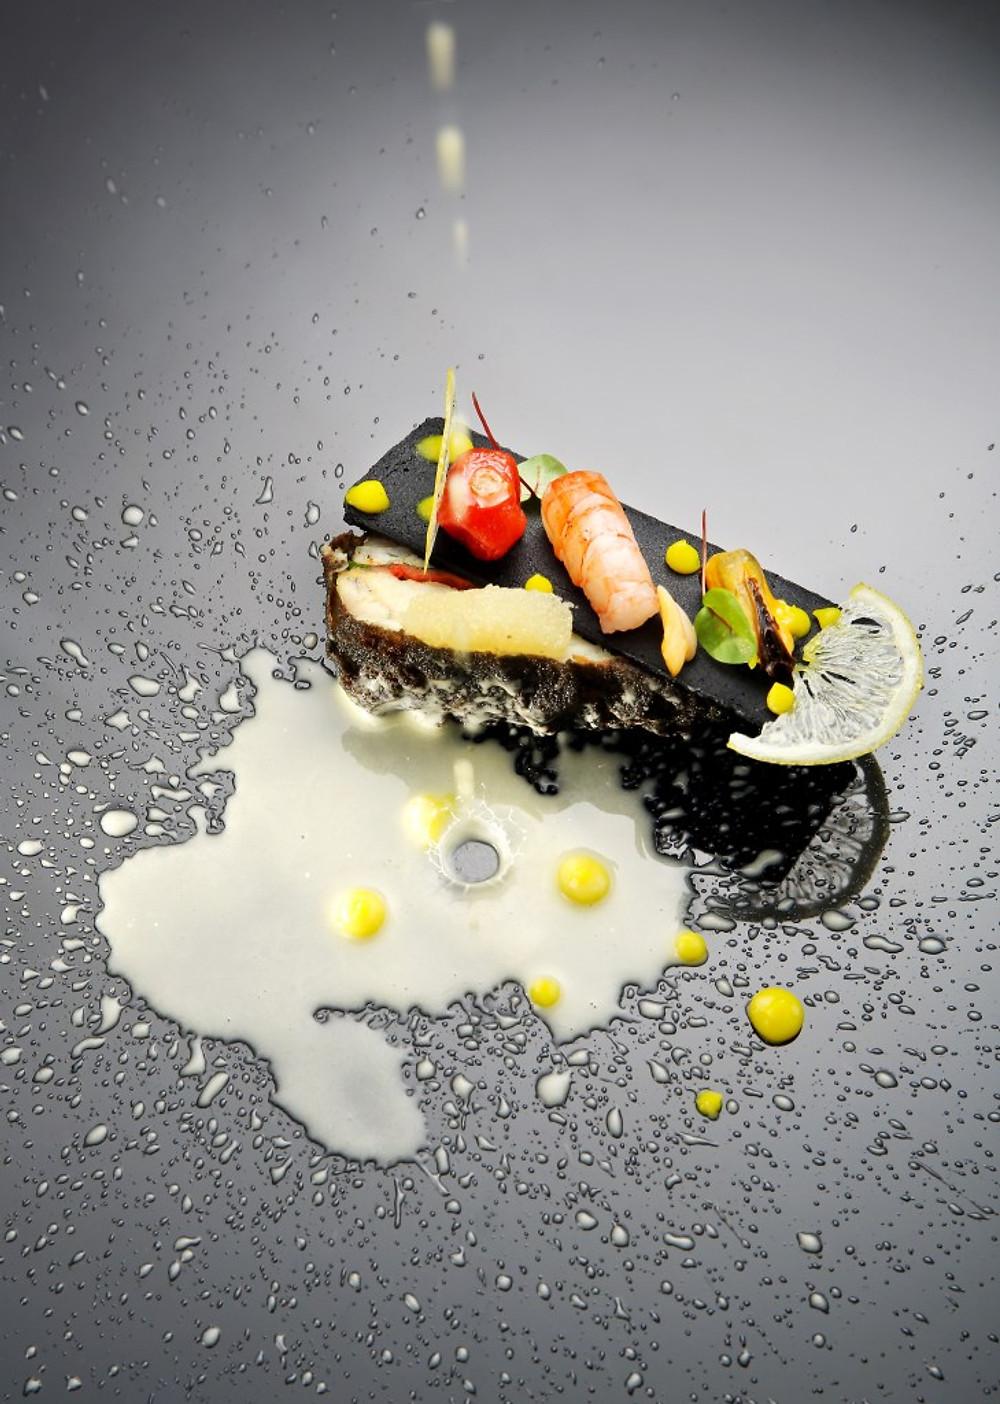 Turbot steak with sautéed seafood in Amalfitan lemon sauce_c